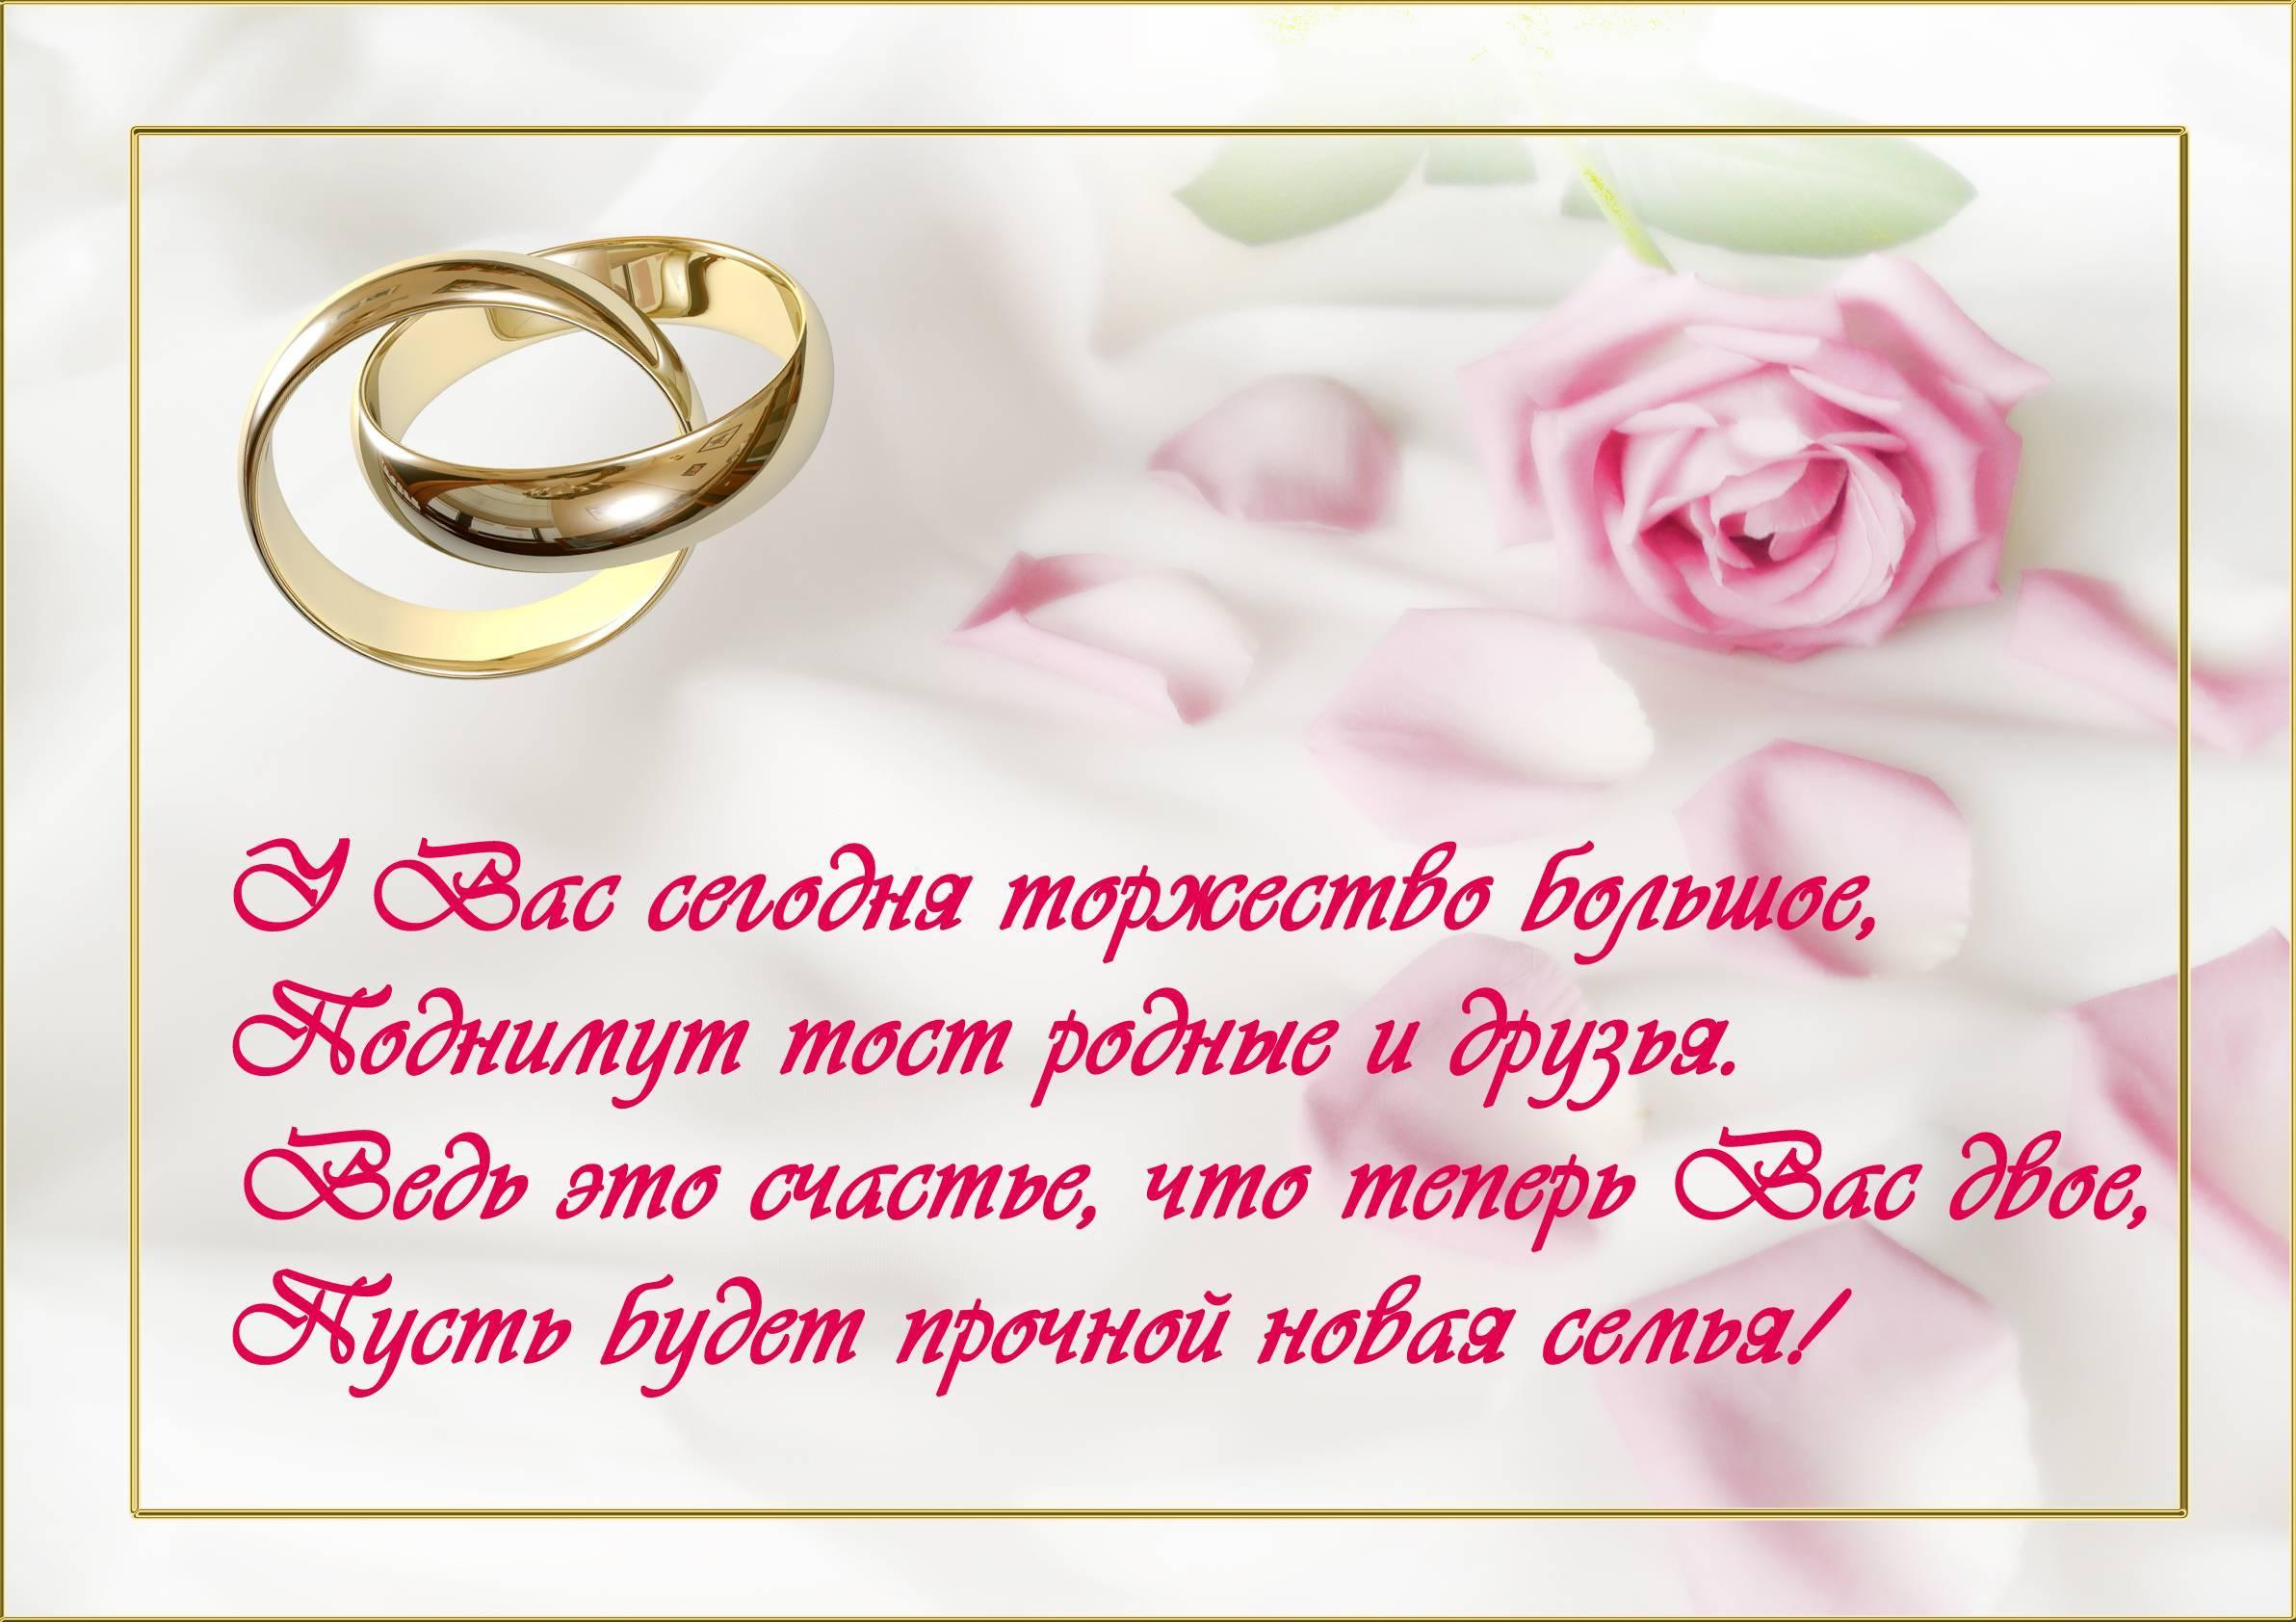 Тост на свадьбу друзьям – поздравляем красиво